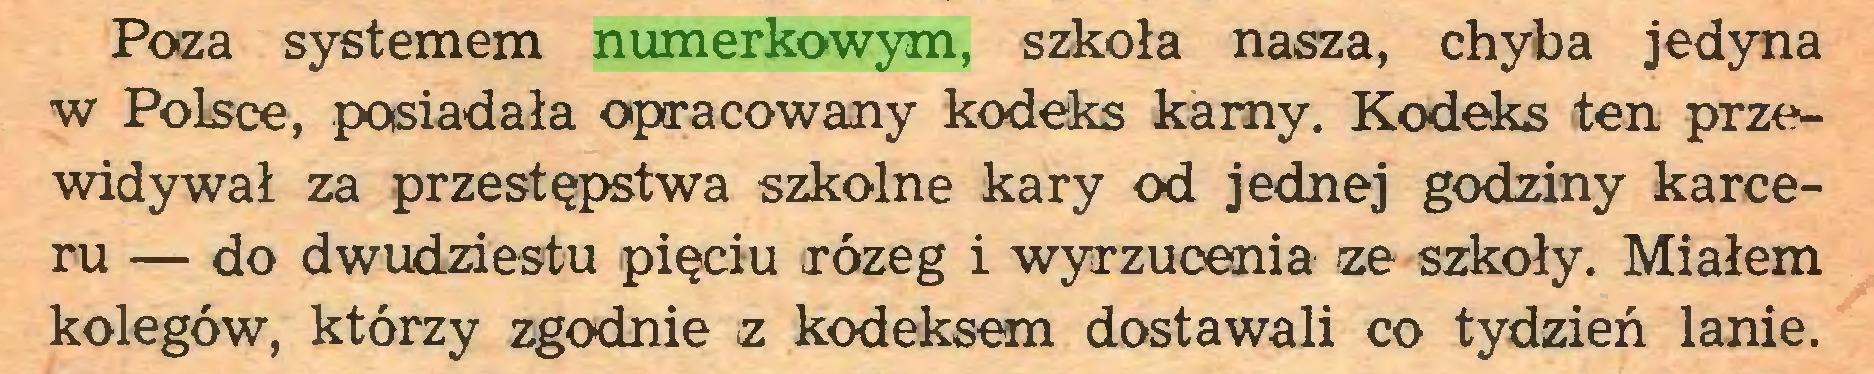 (...) Poza systemem numerkowym, szkoła nasza, chyba jedyna w Polsce, posiadała opracowany kodeks kamy. Kodeks ten przewidywał za przestępstwa szkolne kary od jednej godziny karceru — do dwudziestu pięciu rózeg i wyrzucenia ze szkoły. Miałem kolegów, którzy zgodnie z kodeksem dostawali co tydzień lanie...